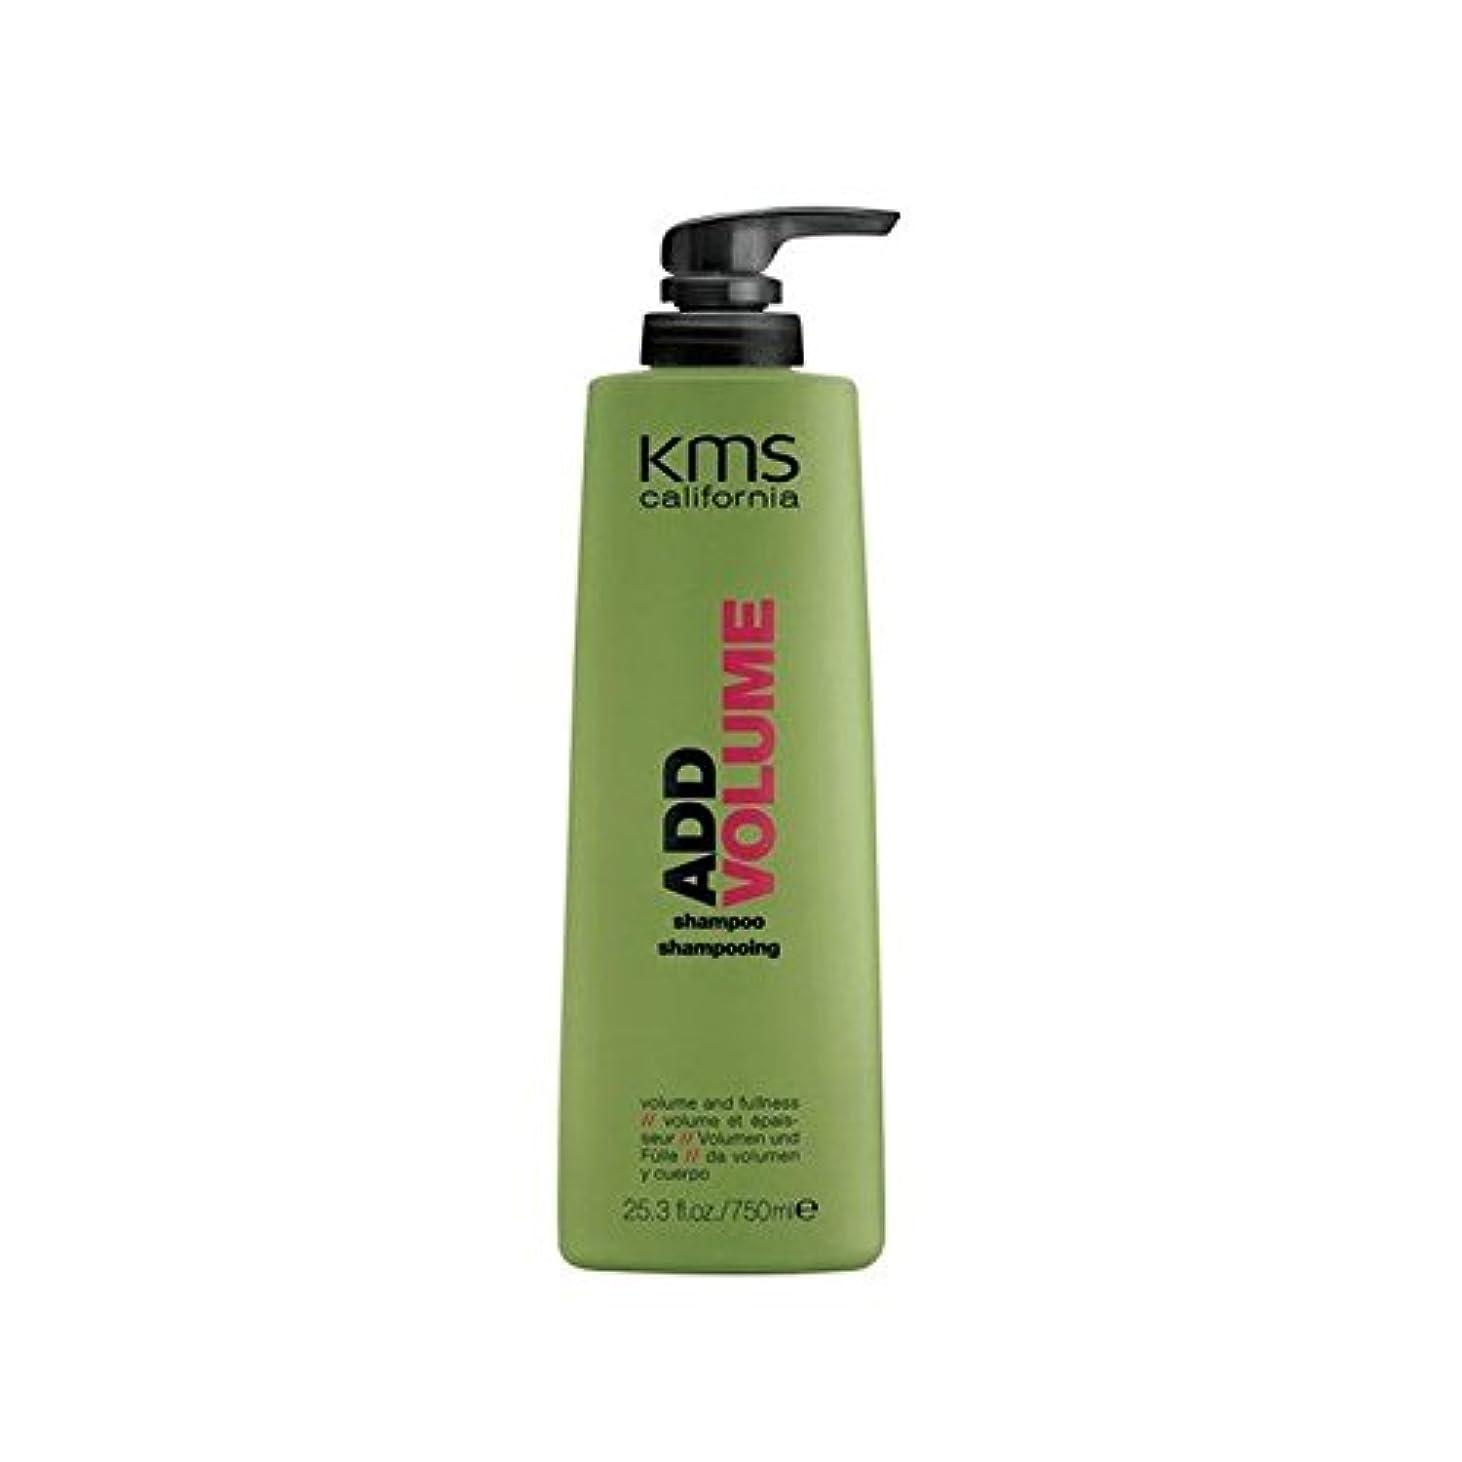 膜恥ずかしい上院カリフォルニアシャンプー - 750ミリリットル x4 - Kms California Addvolume Shampoo - 750ml (Pack of 4) [並行輸入品]